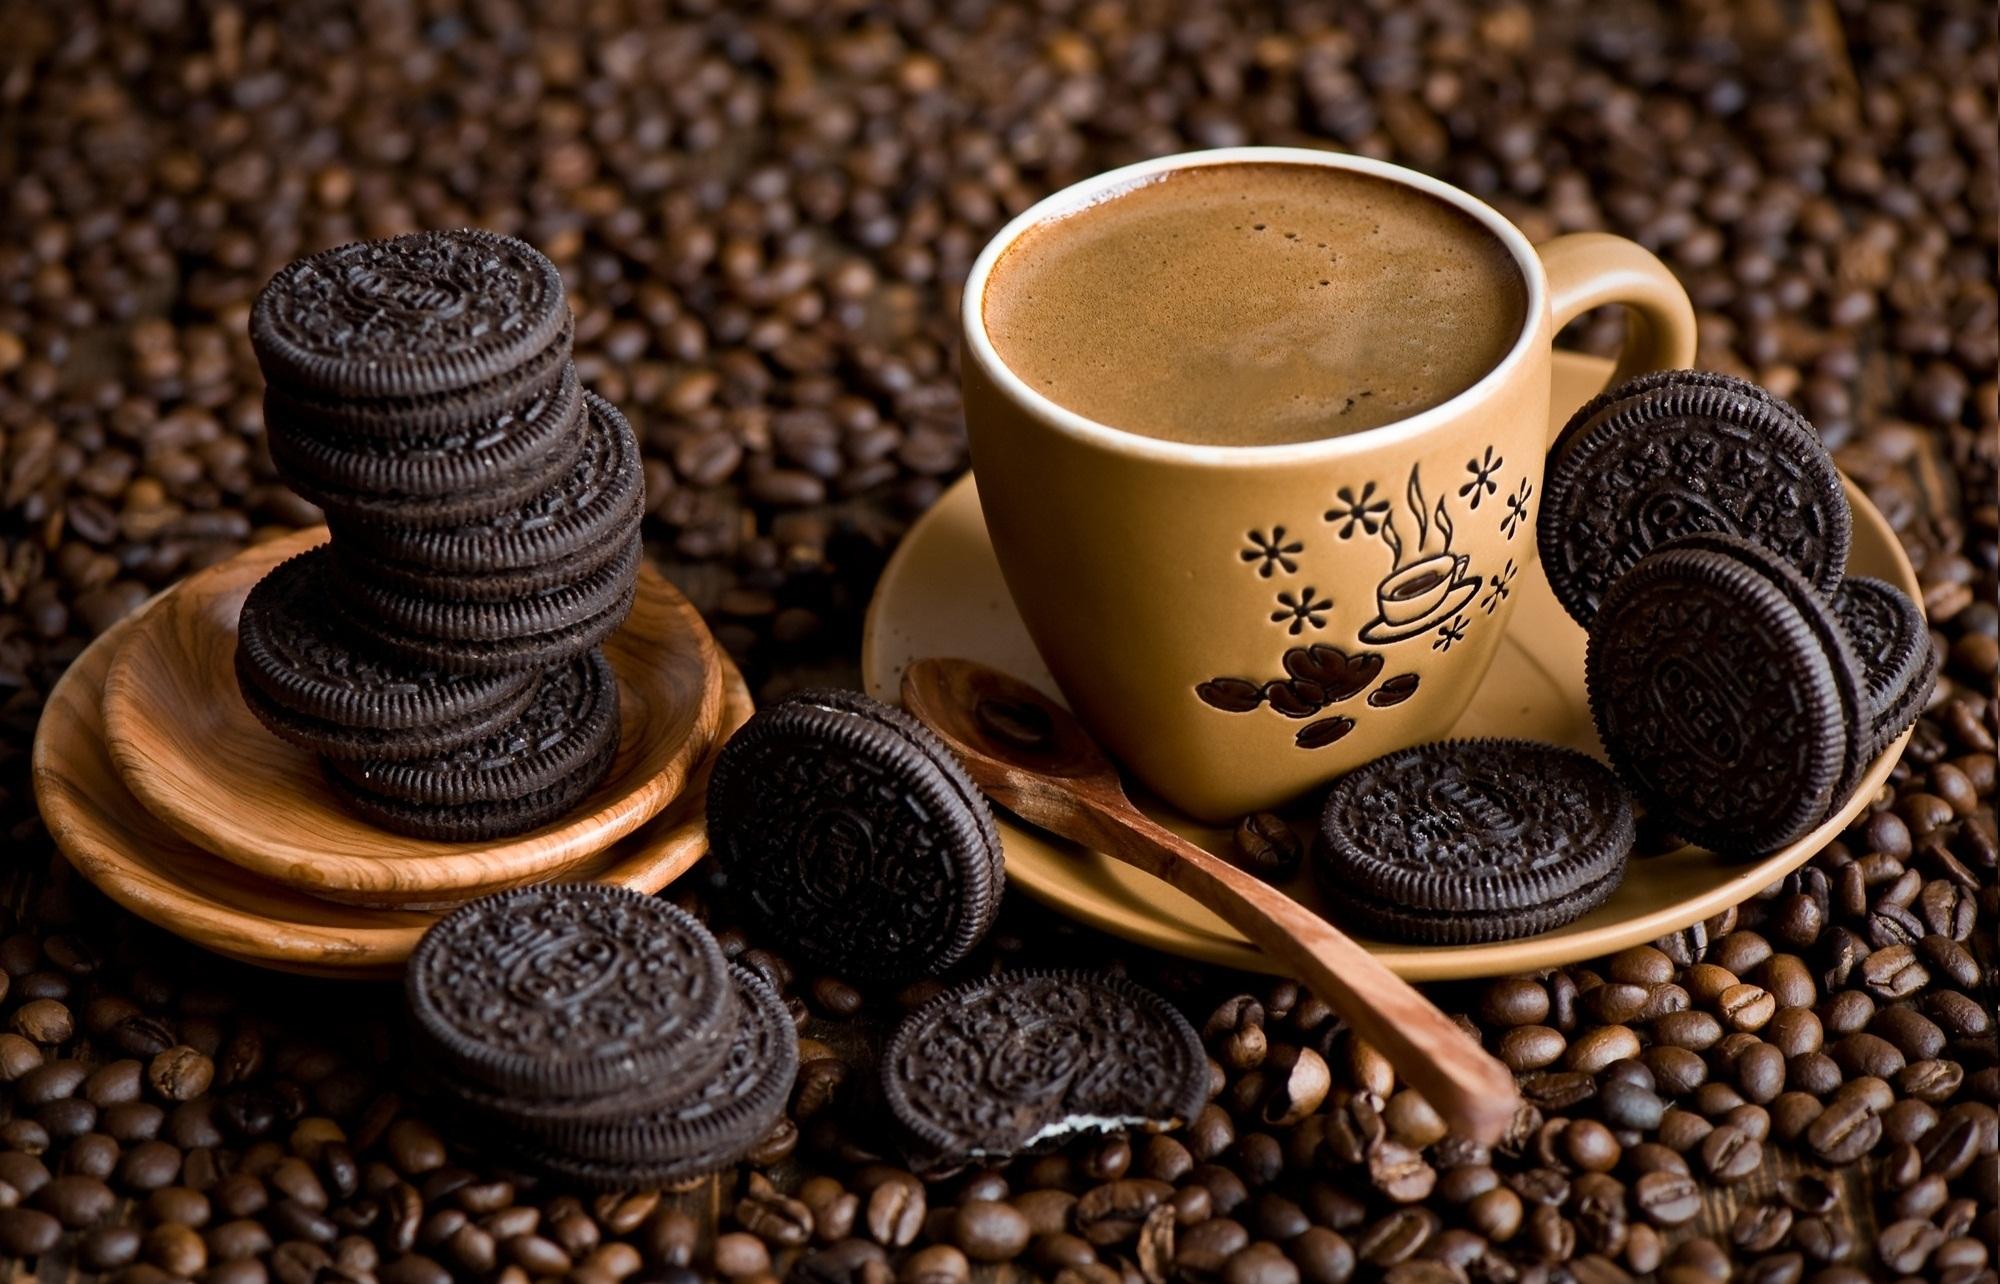 بالصور صور عن القهوة , اجمل صور عن القهوه